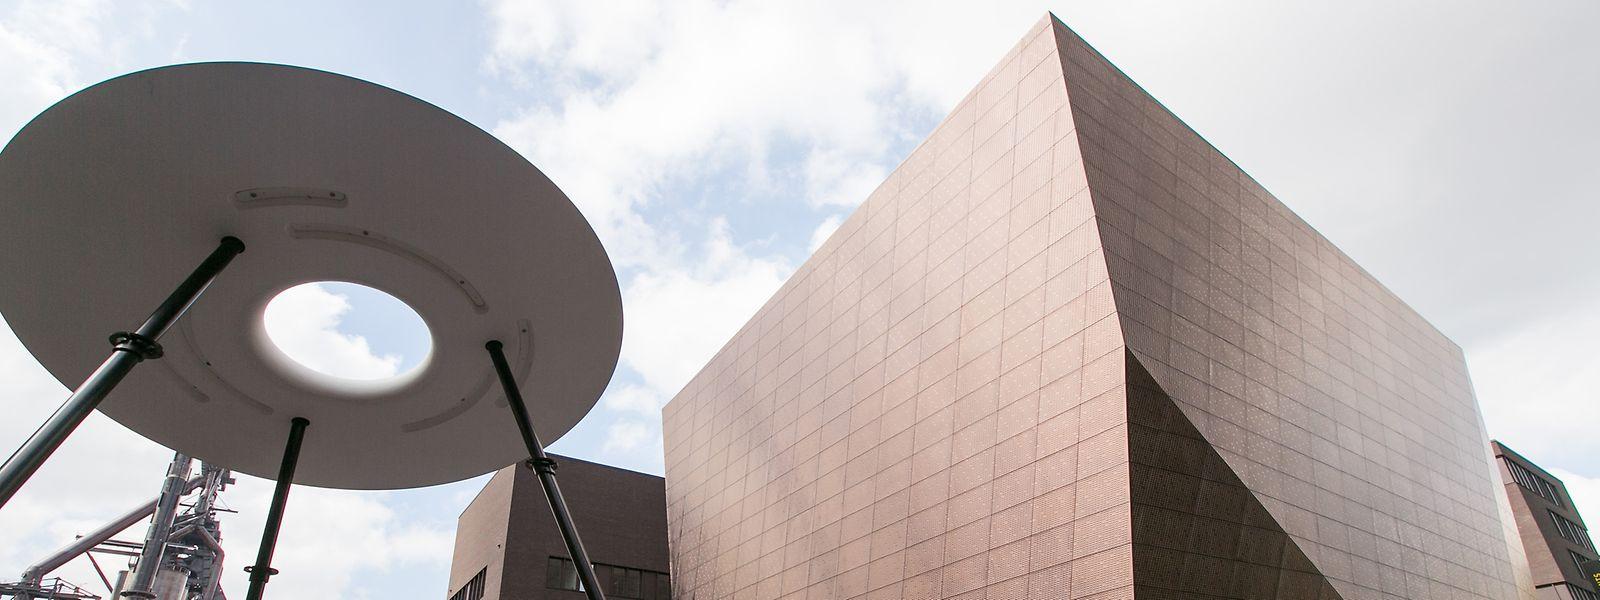 Im Inneren der Maison des Arts befindet sich unter anderem eine Konzerthalle.